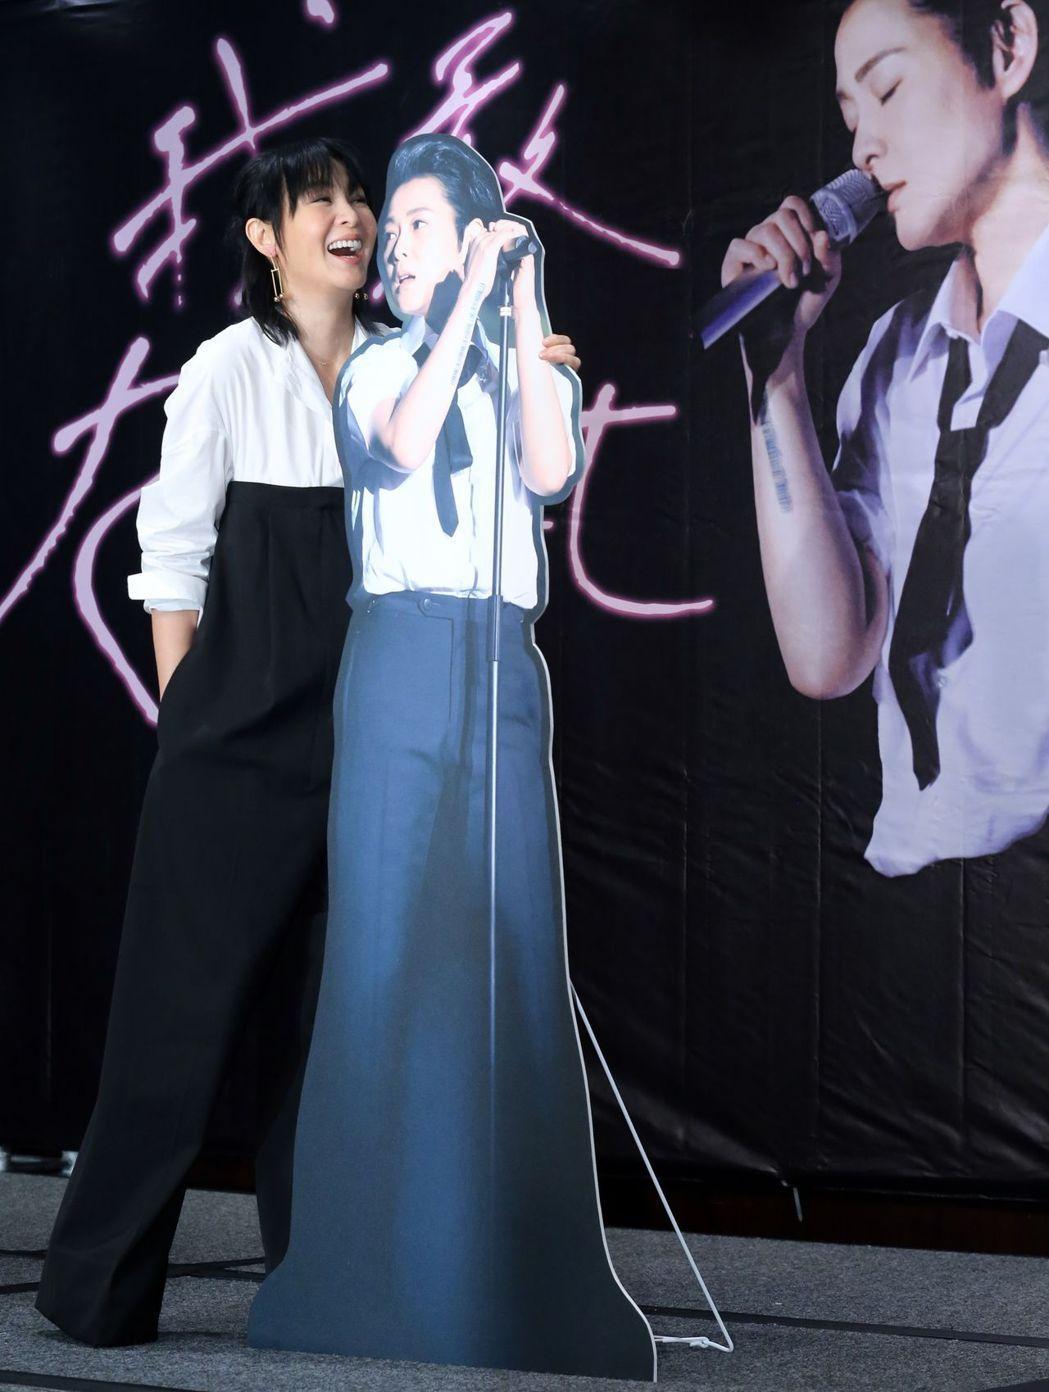 藝人劉若英宣傳台北演唱會,將一連兩場在台北小巨蛋演出,演唱會上她將化身劉若男,一...